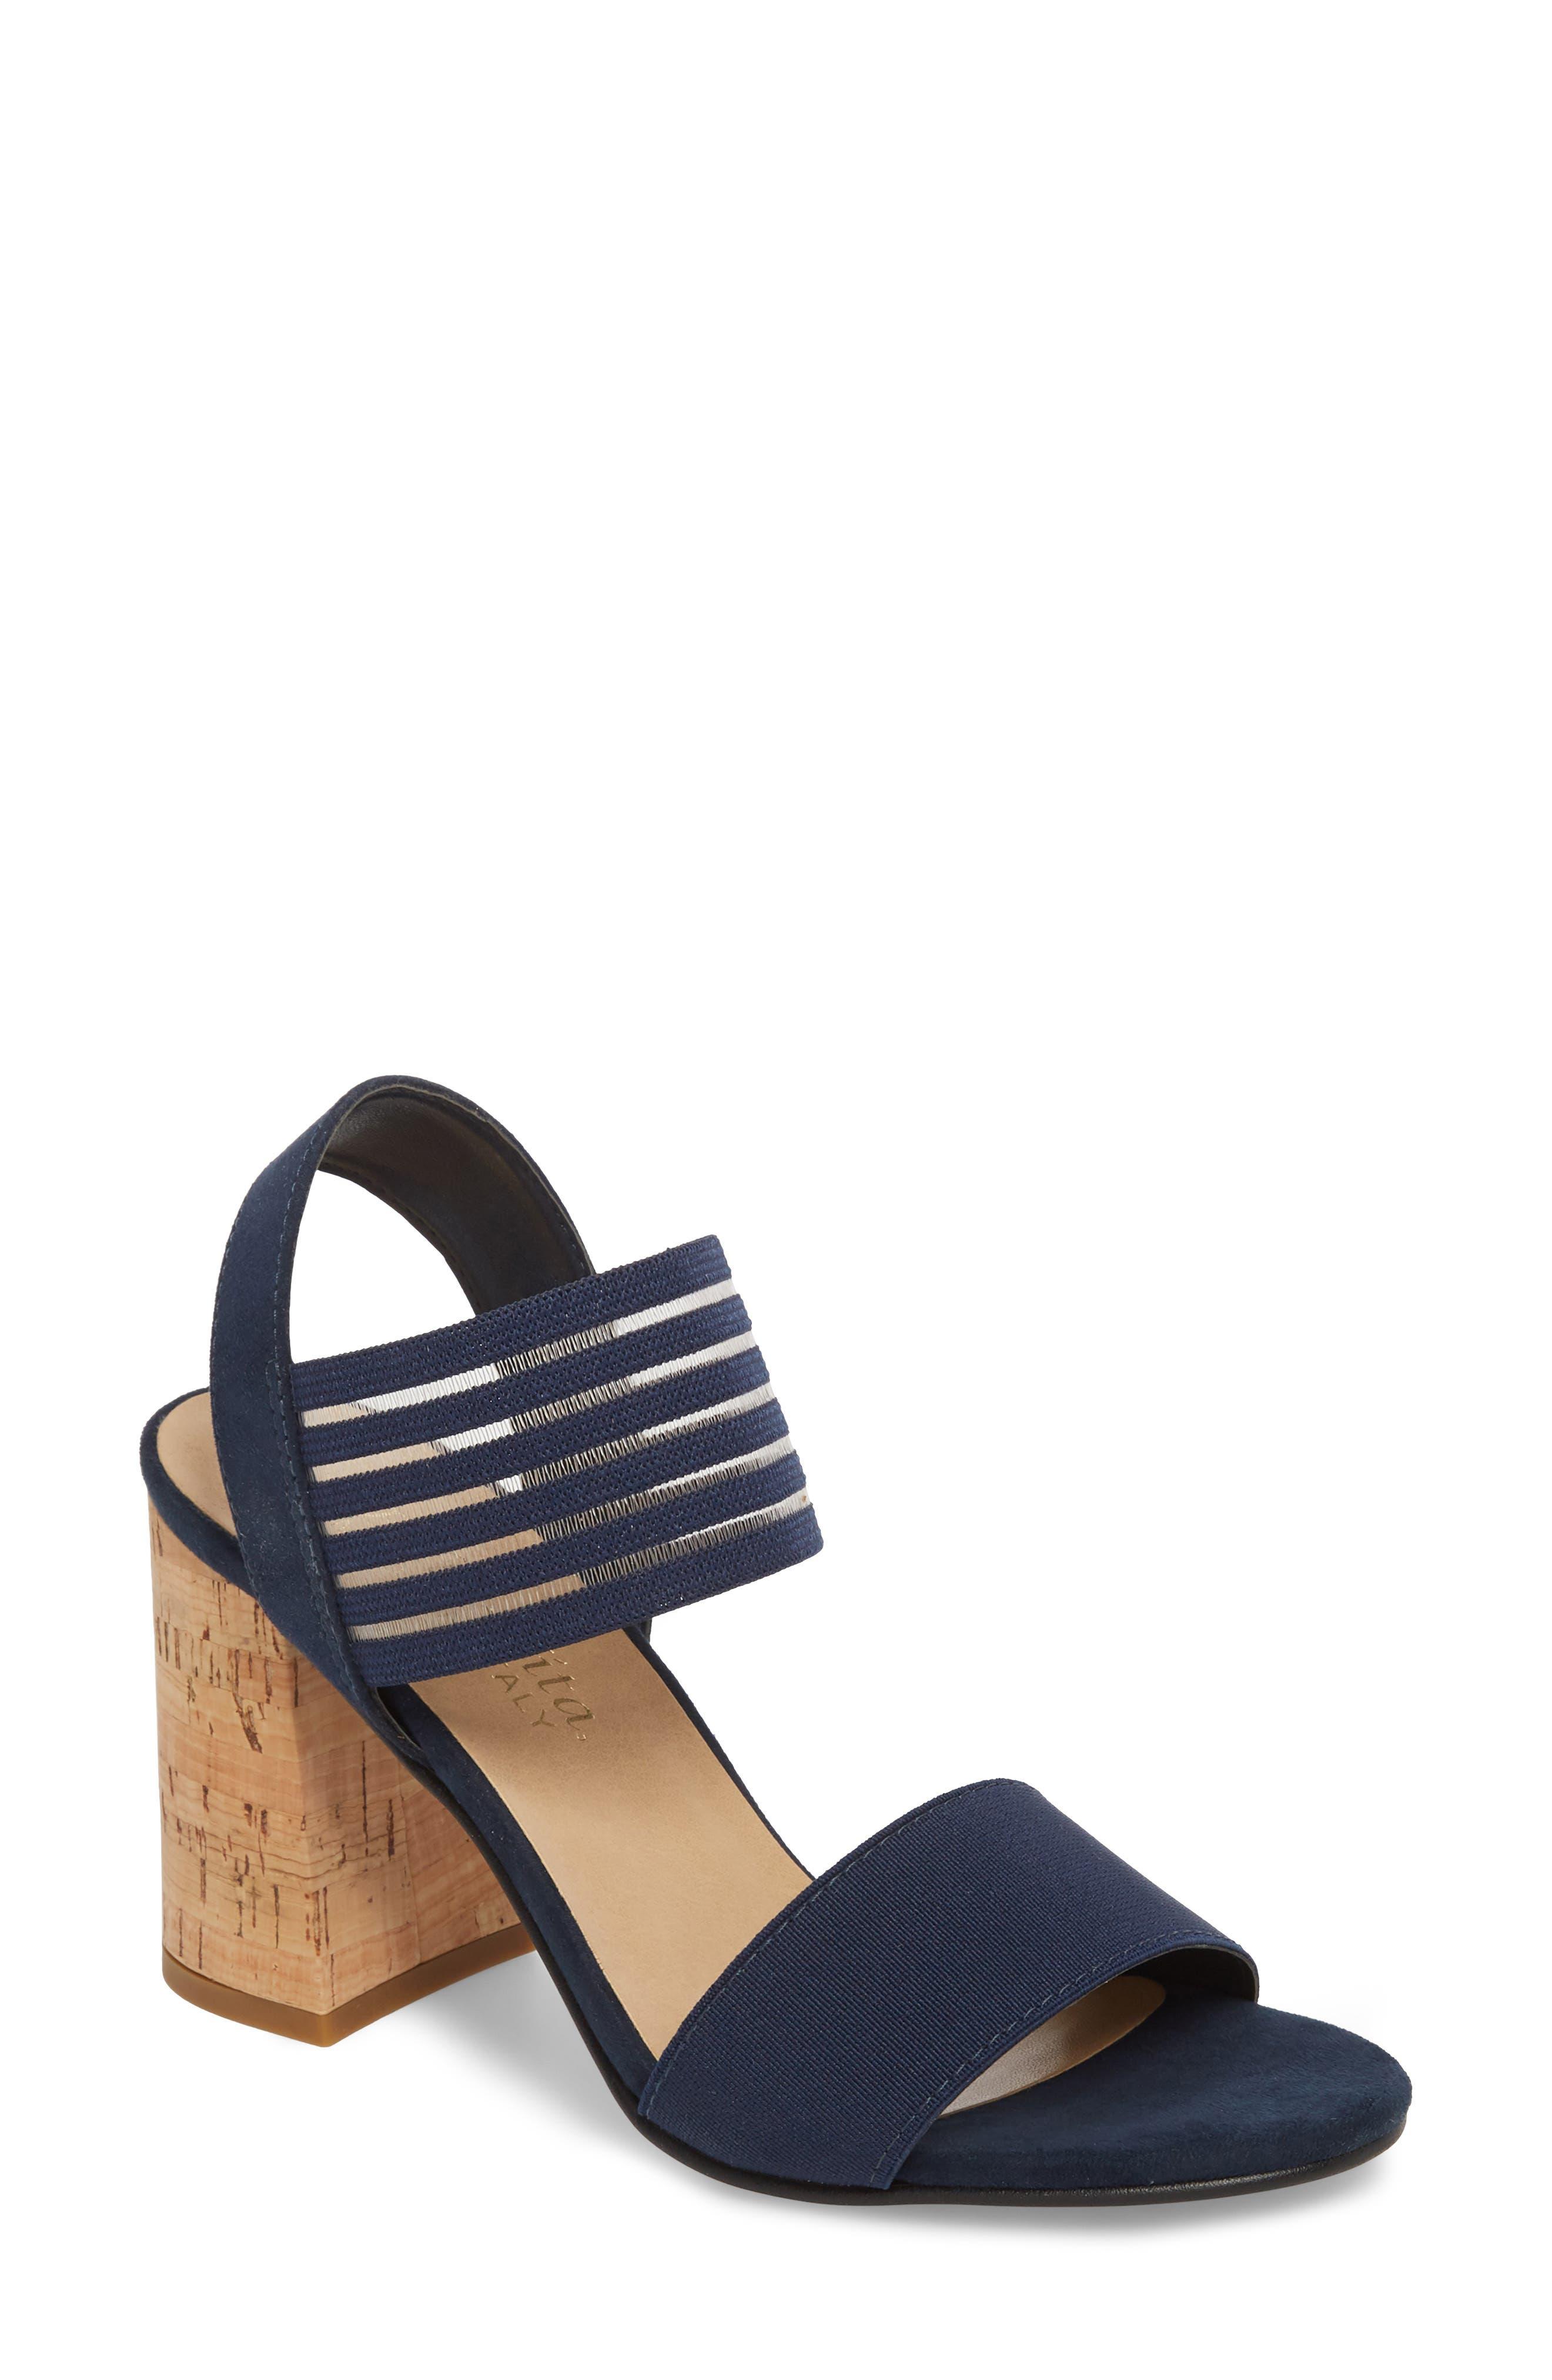 Bella Vita Dan Block Heel Sandal, Blue